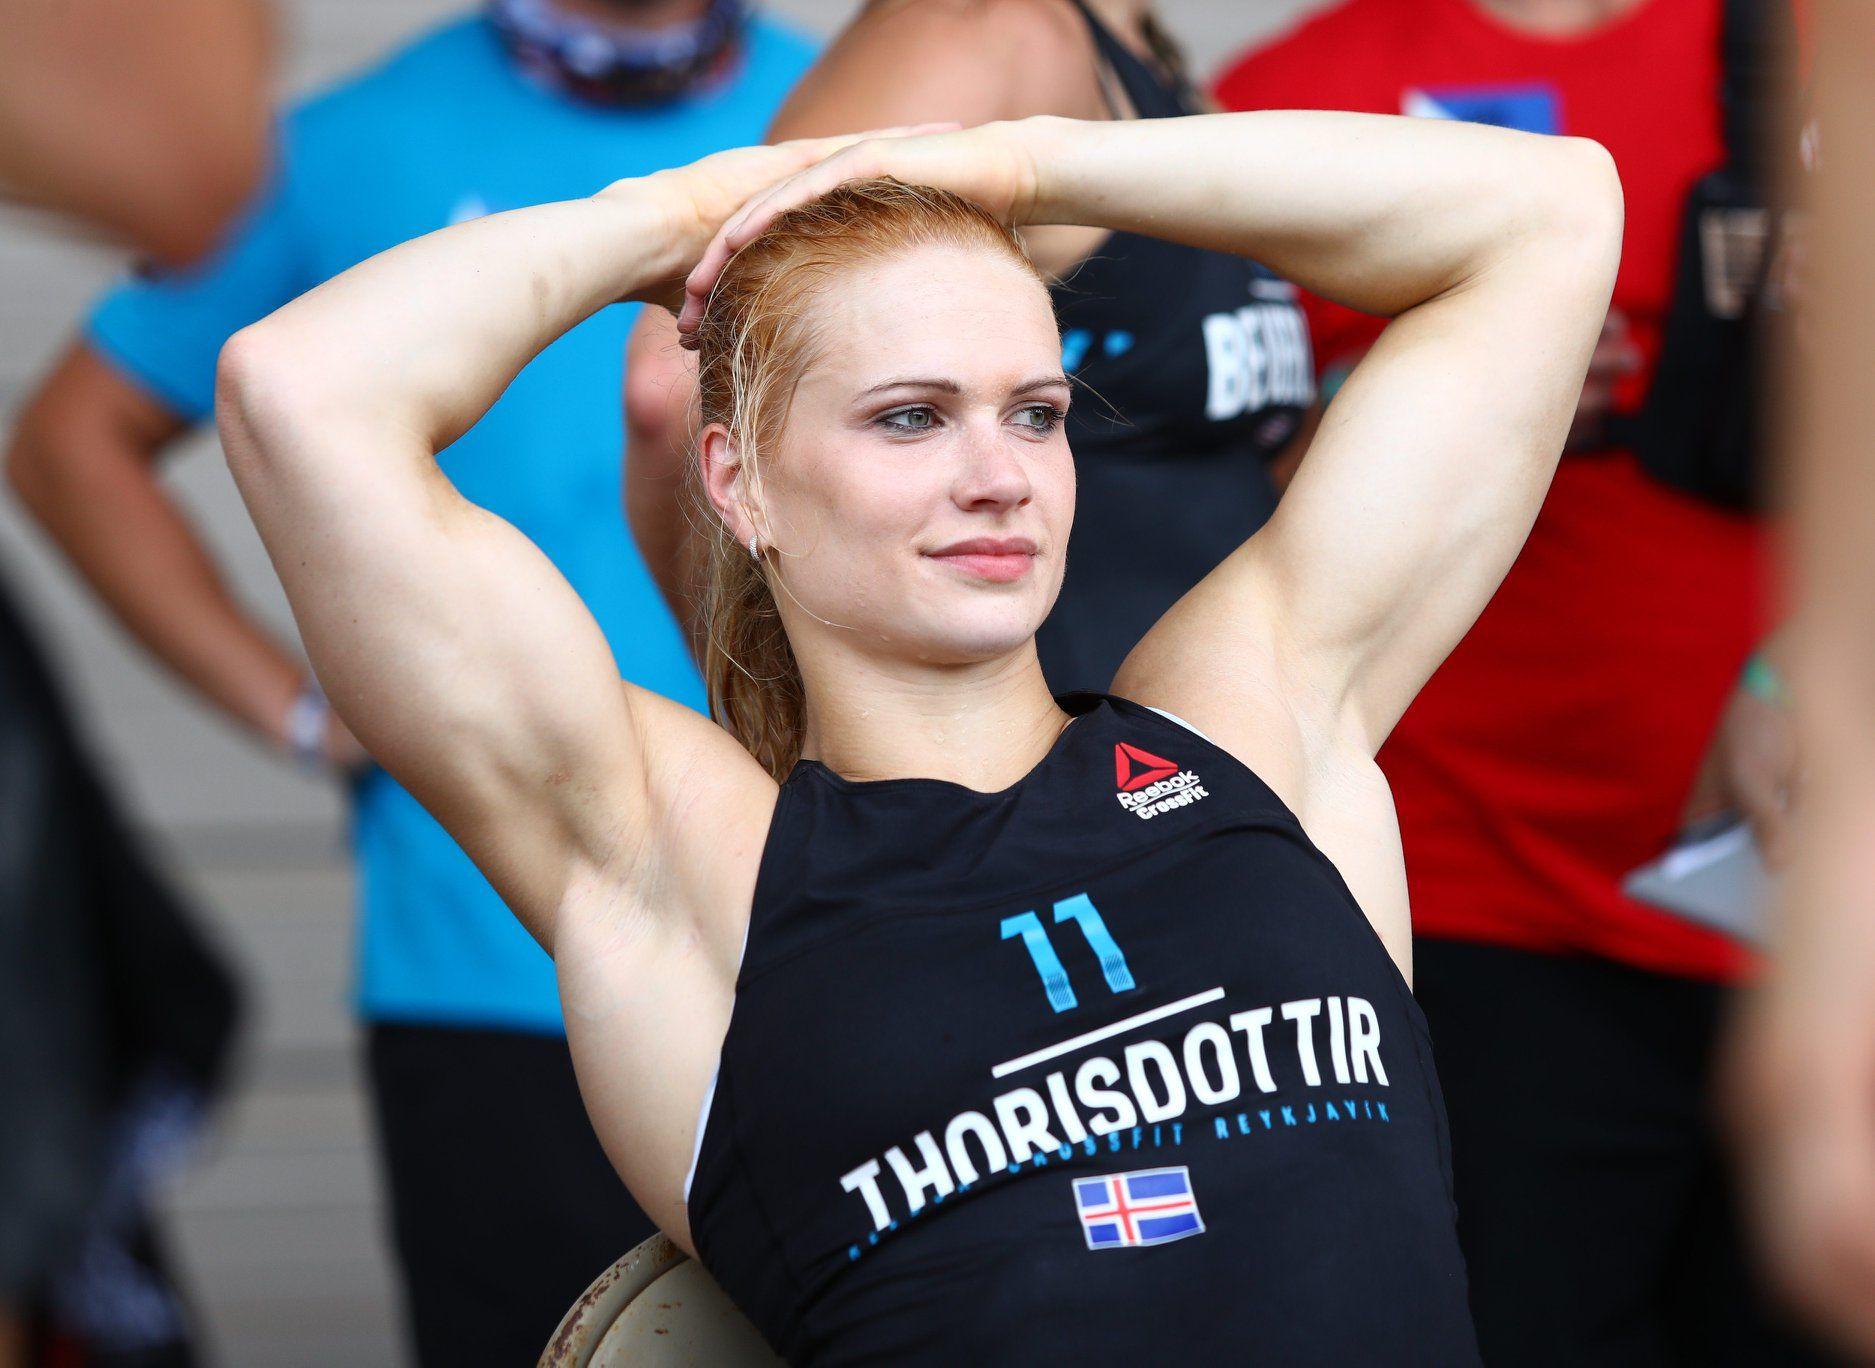 Annie Thorisdottir 2018 CrossFit Games, 5th Place